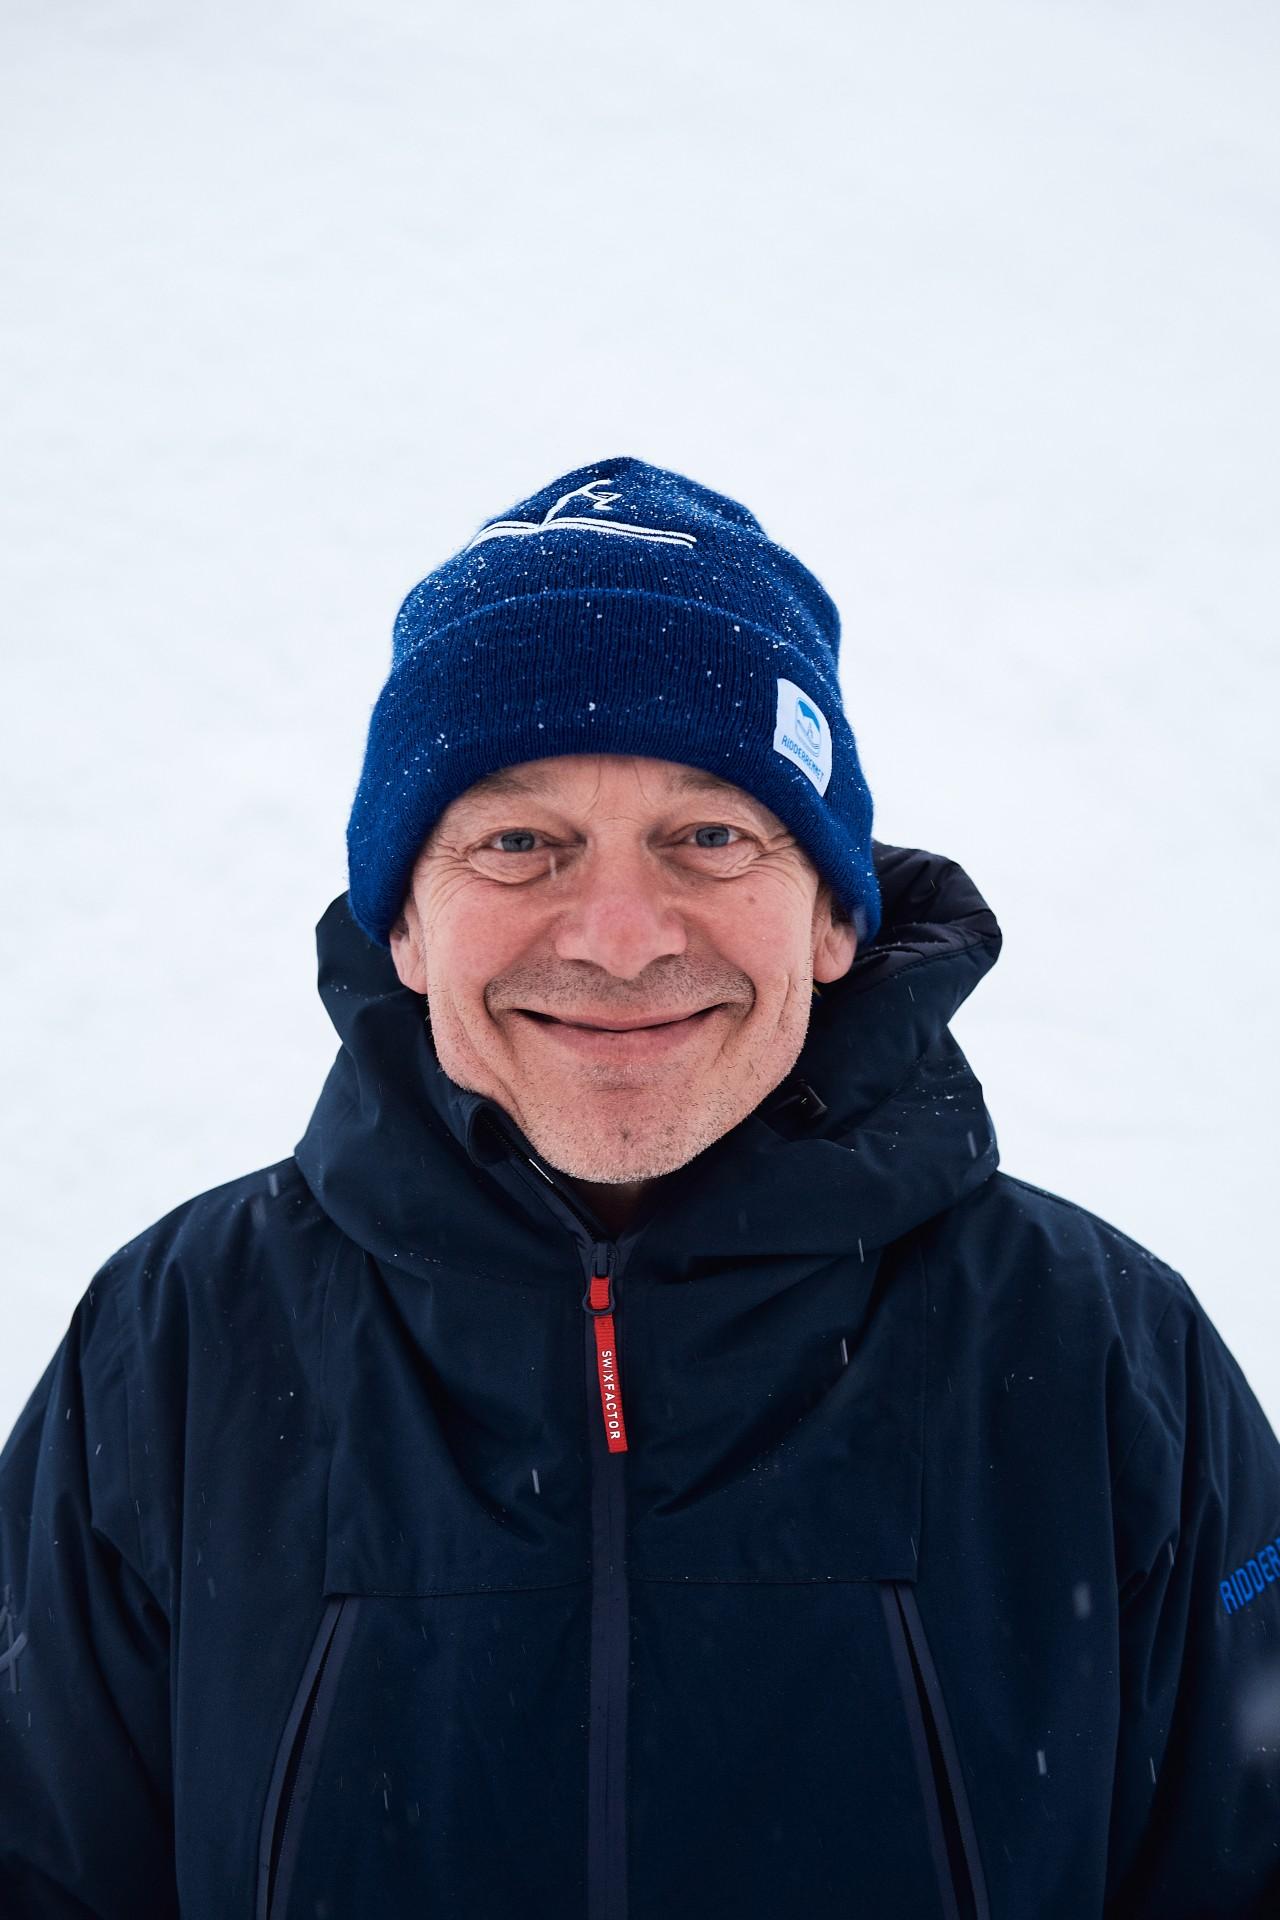 Øyvind Alster